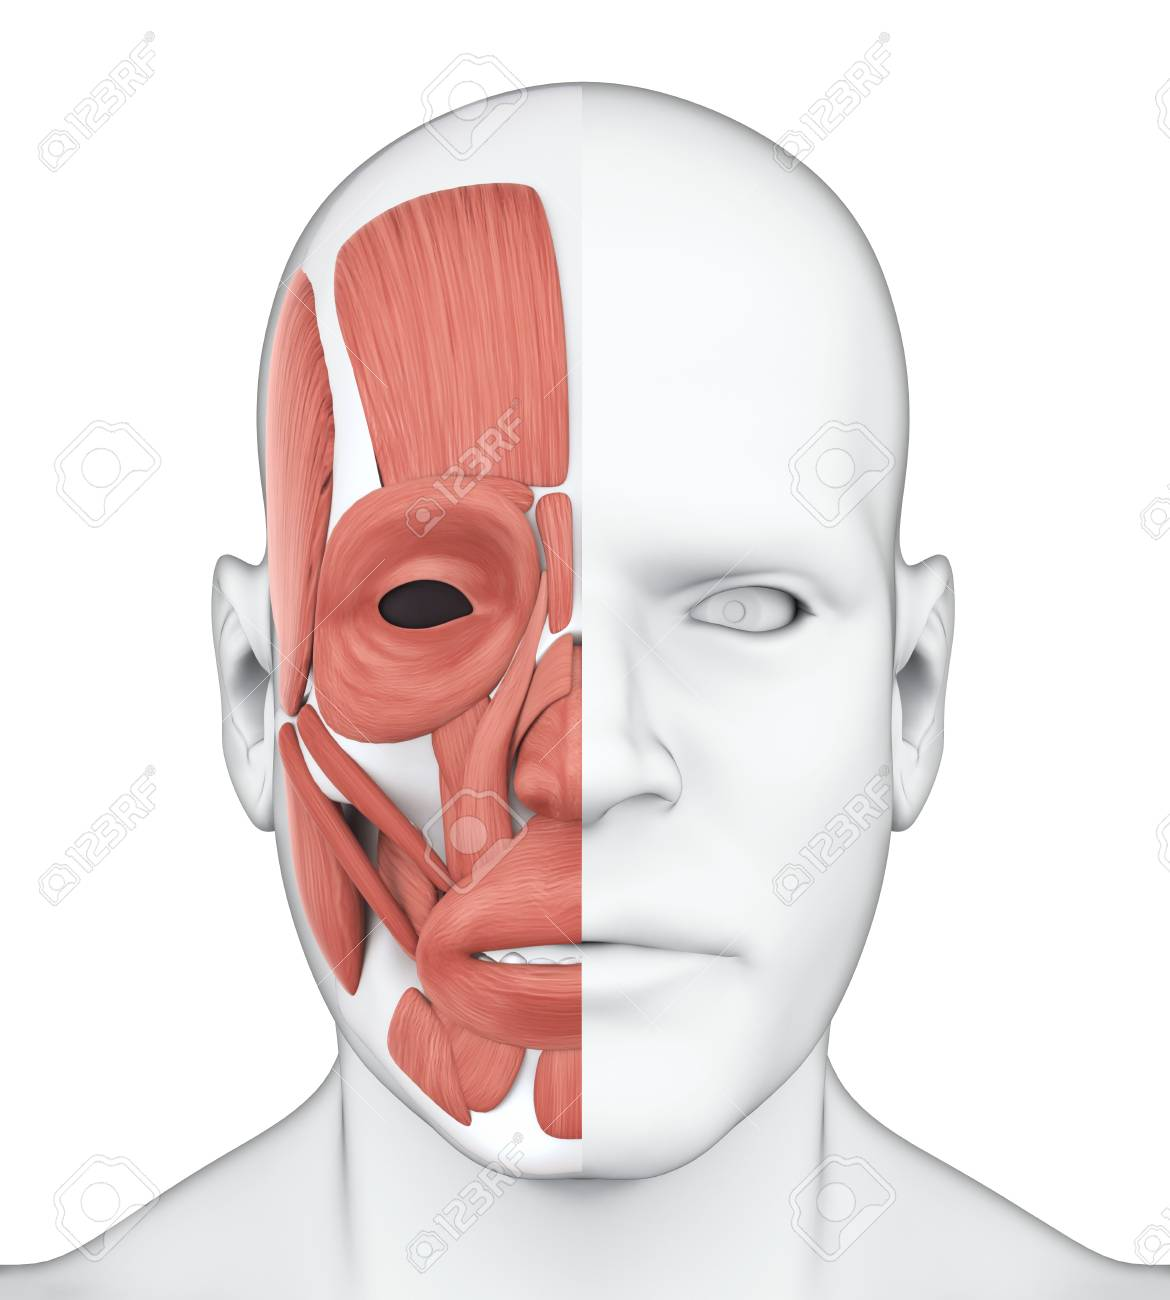 Increíble Músculos Faciales Anatomía Viñeta - Imágenes de Anatomía ...